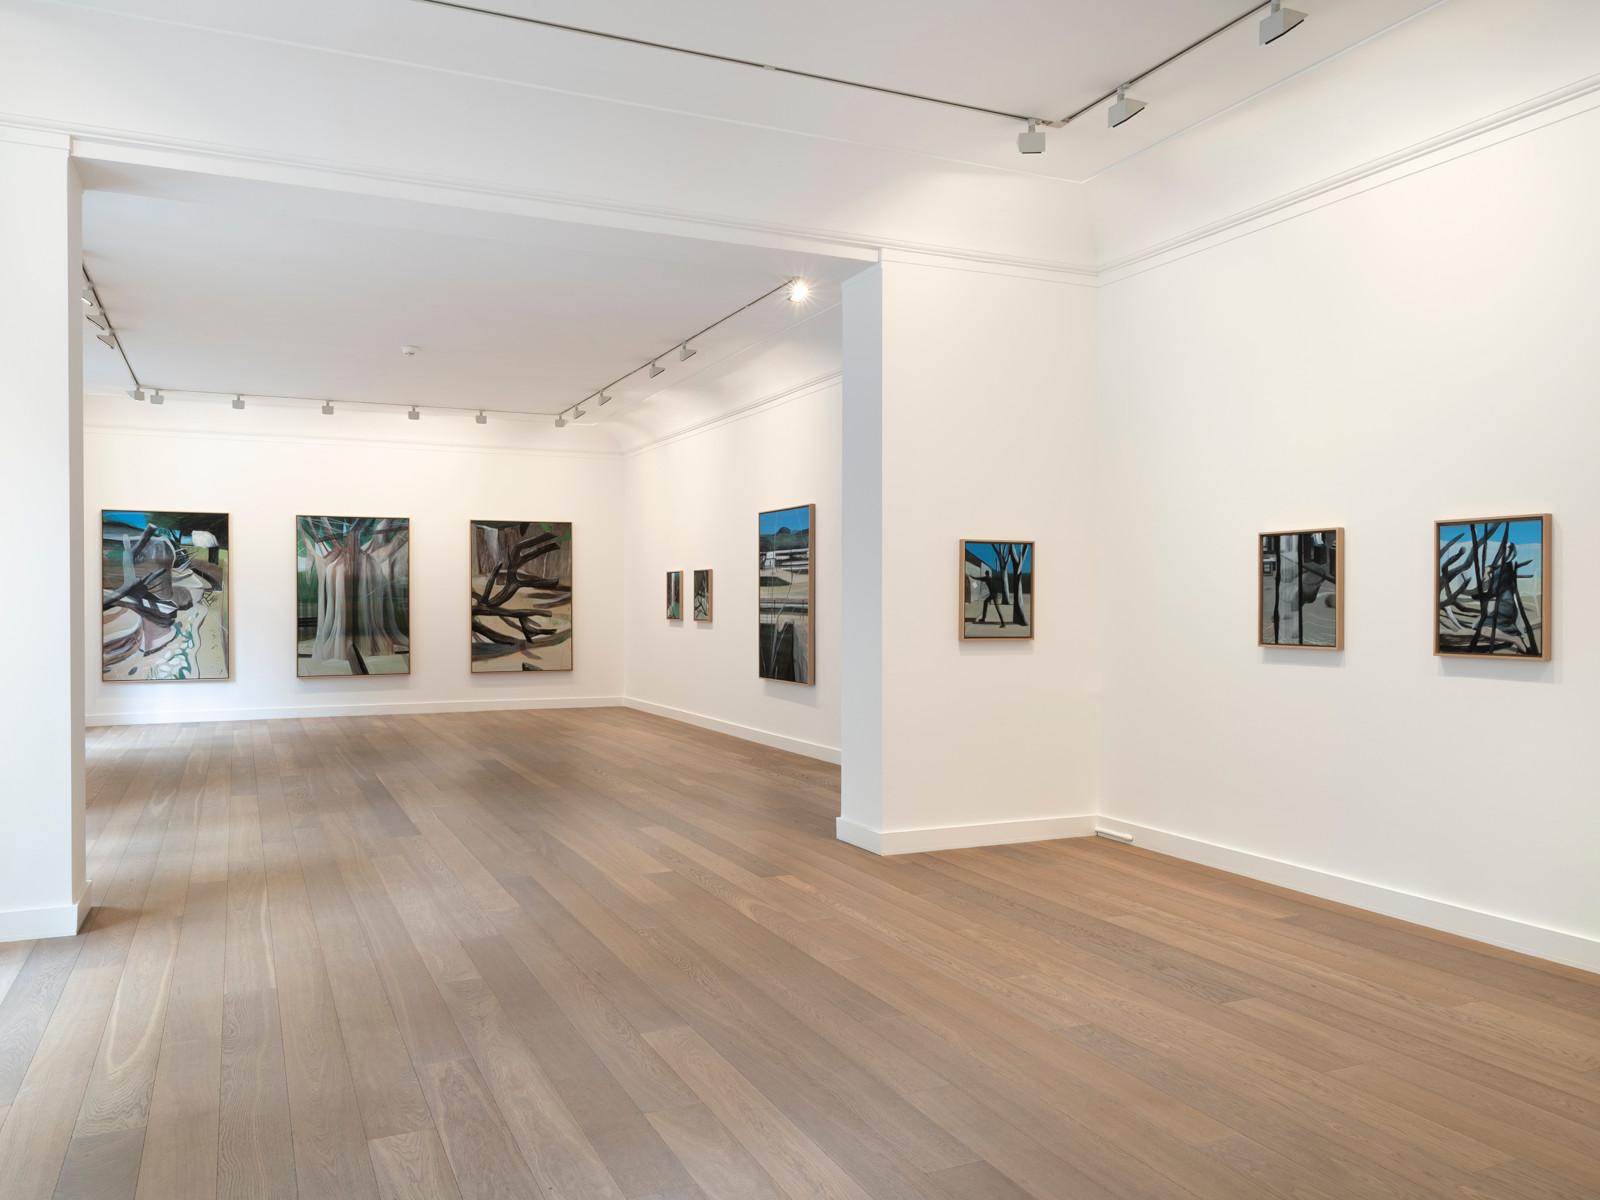 Galerie Lelong Marc Desgrandchamps 1